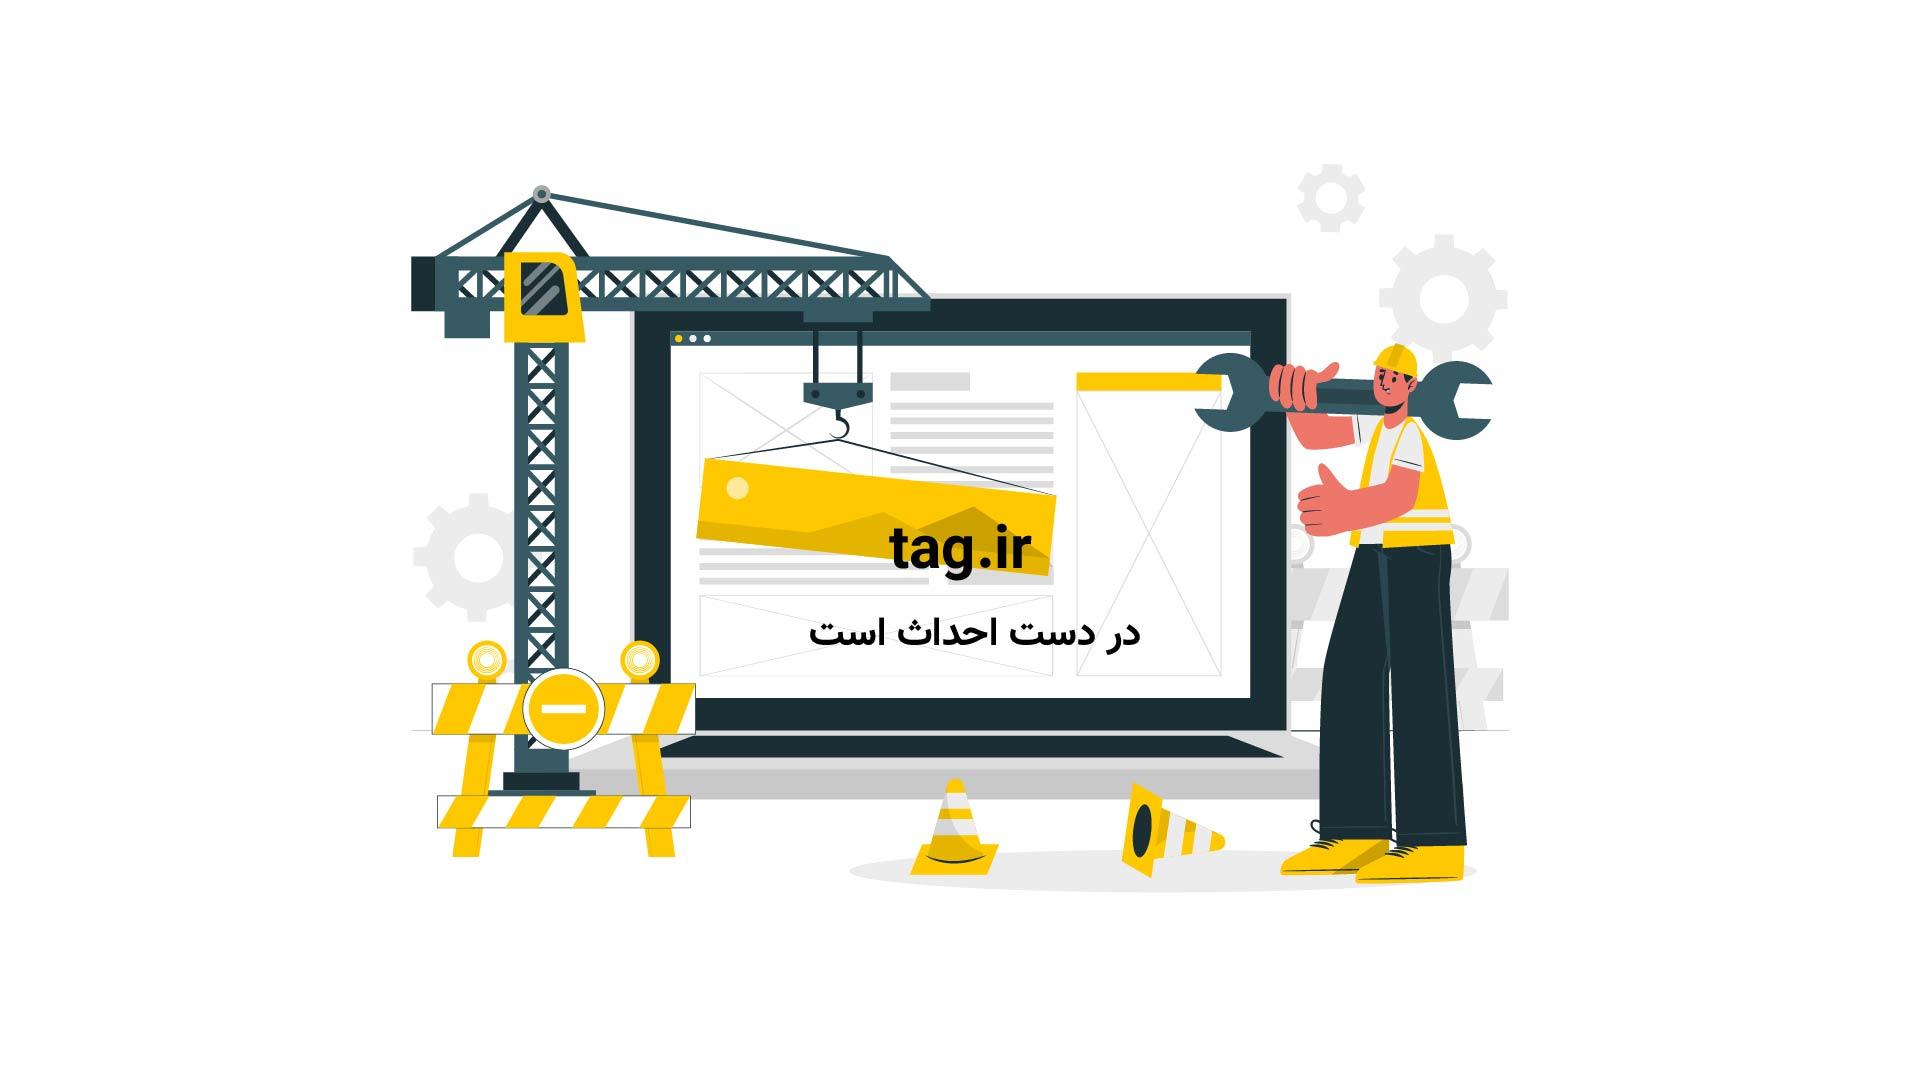 نقاشی سه بعدی بی نظیر